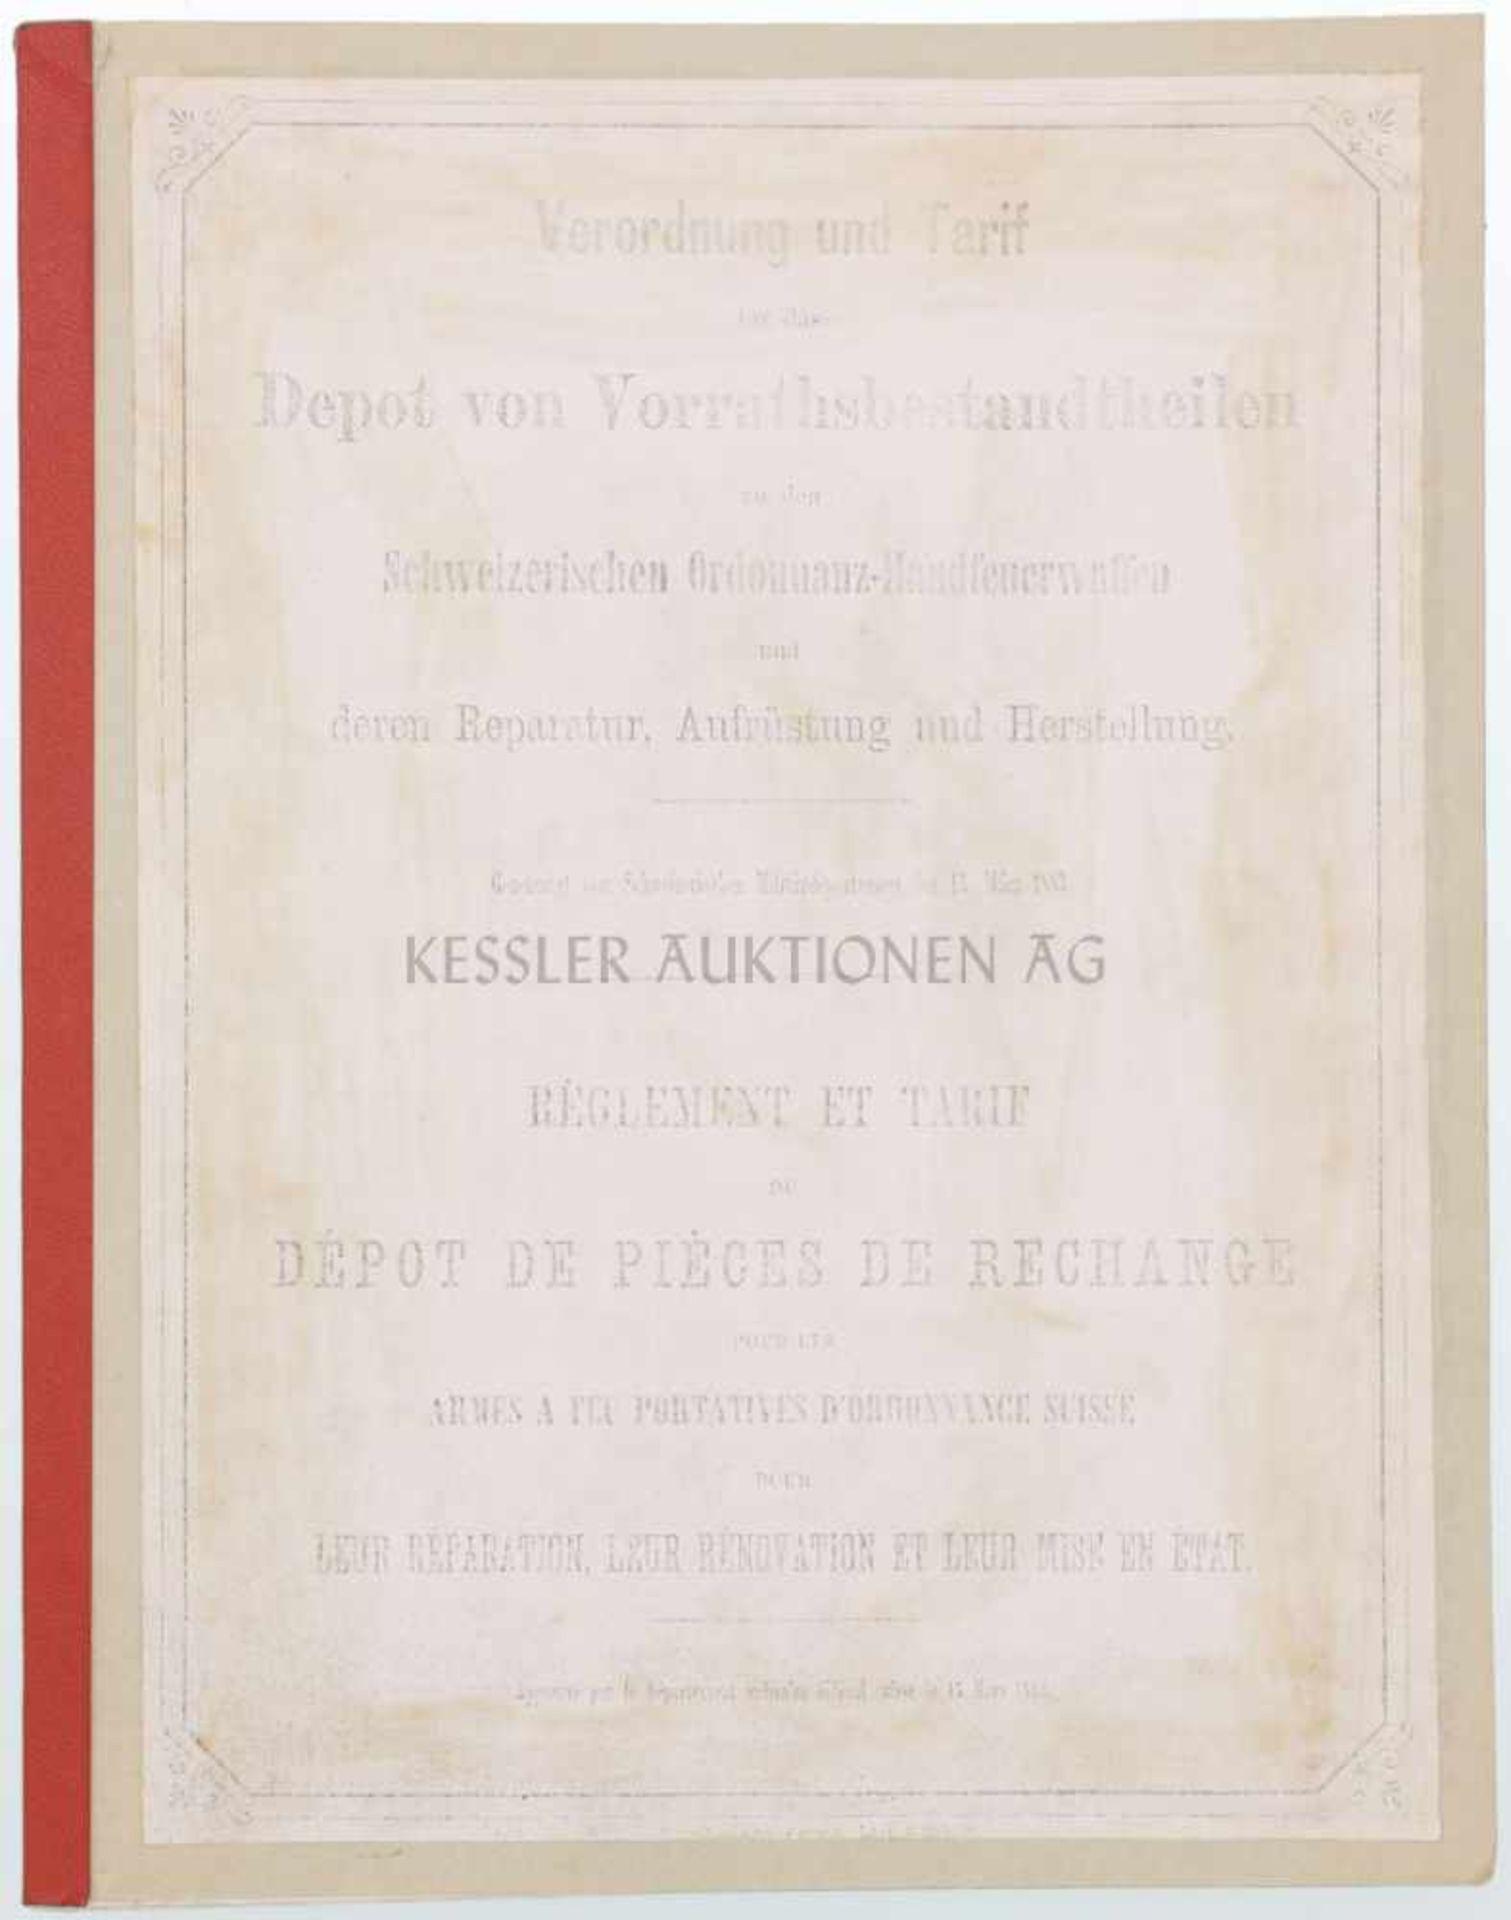 """Los 53 - Büchsenmacher Tarif 1883 Nachdruck """"Verordnung und Tarif für das Depot von Vorrathsbestandtheilen zu"""